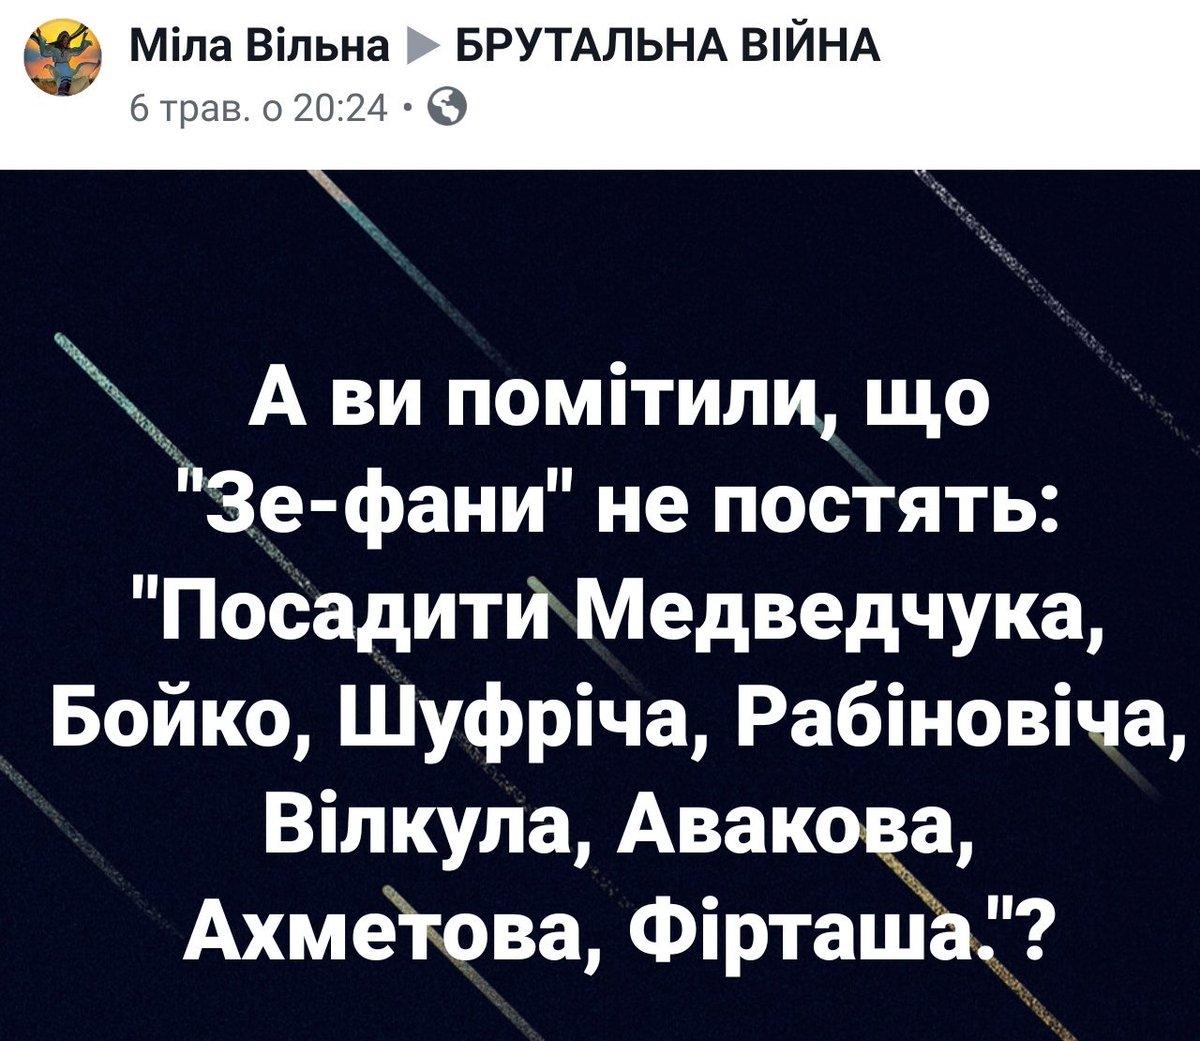 """""""Мы не комментируем"""", - пресс-служба НАБУ о теме разговора с Ахметовым - Цензор.НЕТ 8921"""